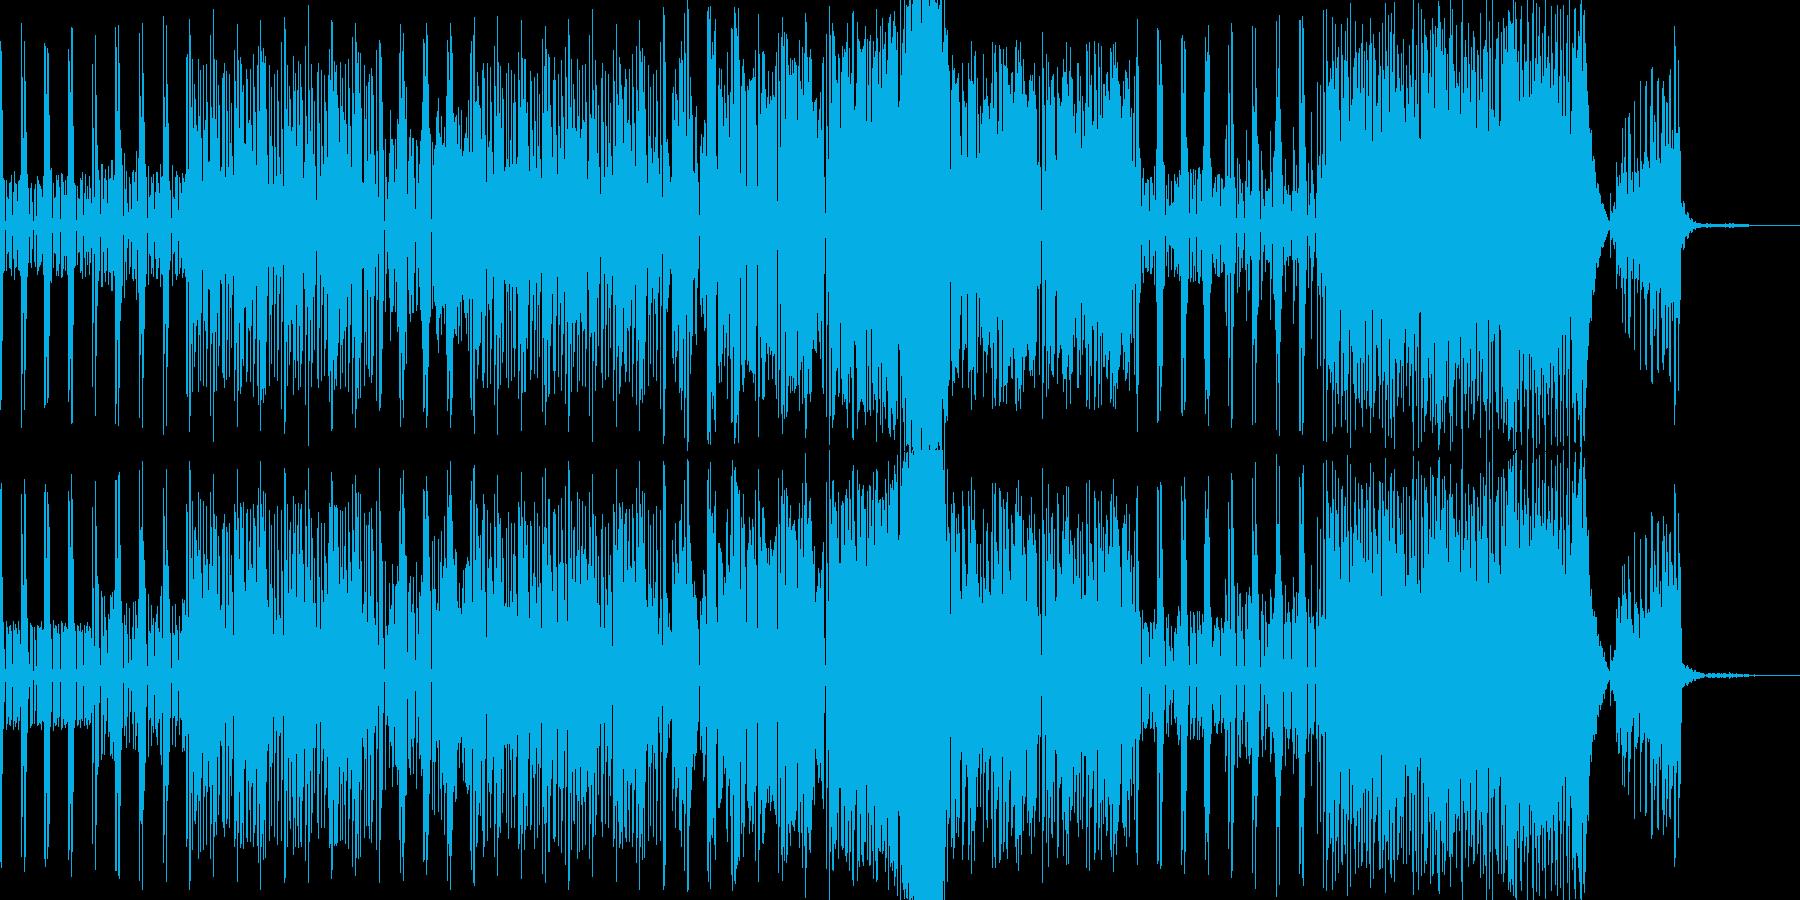 ピアノの旋律とコーラスが爽快なポップスの再生済みの波形